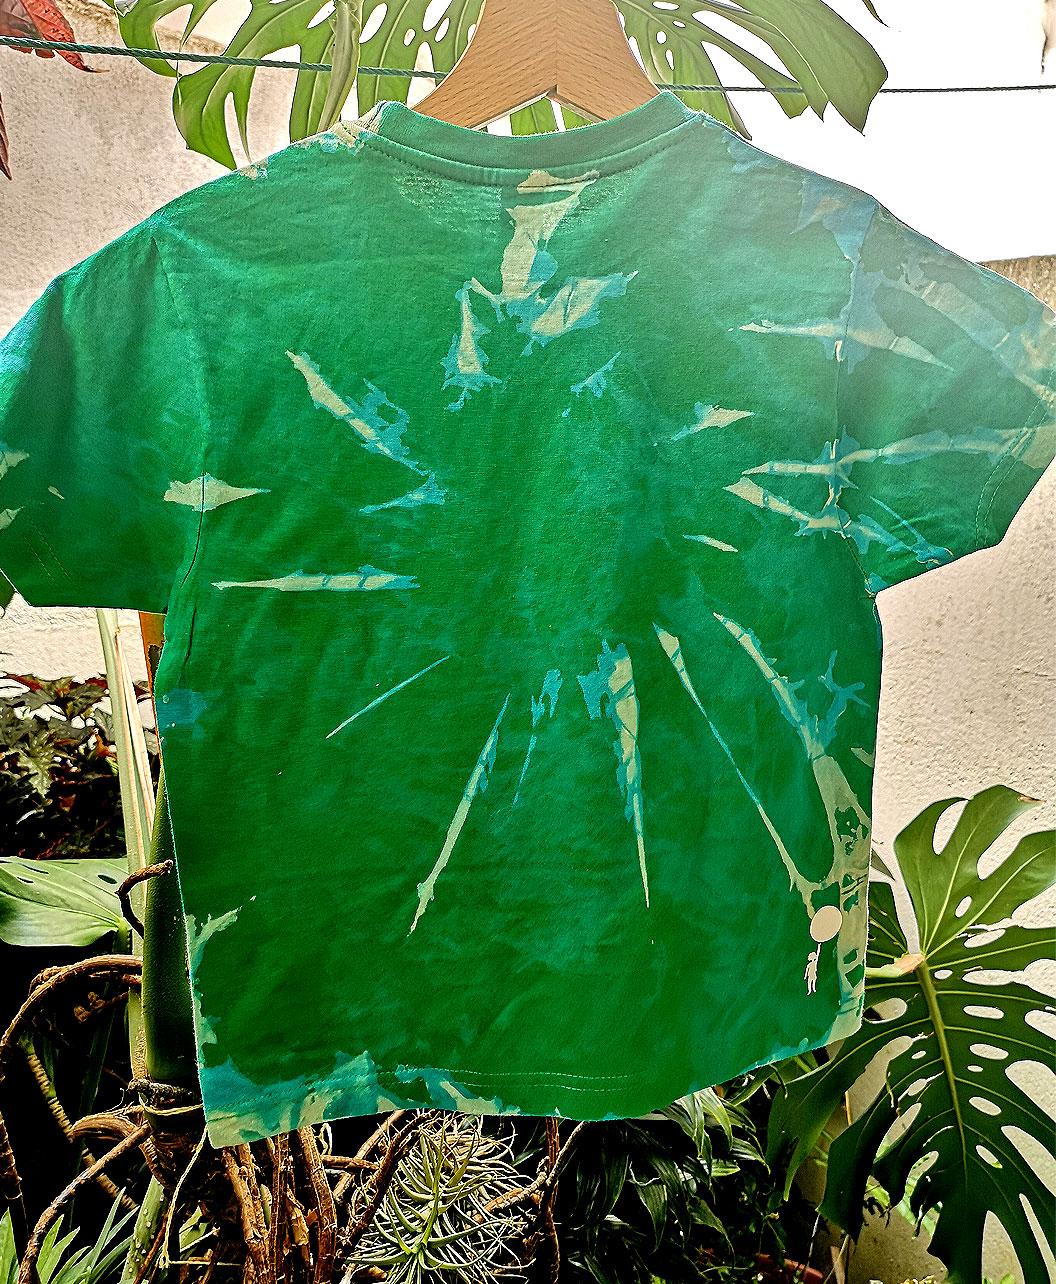 camisetas ninos tie dye originales divertidas verde ilustracion gato negro